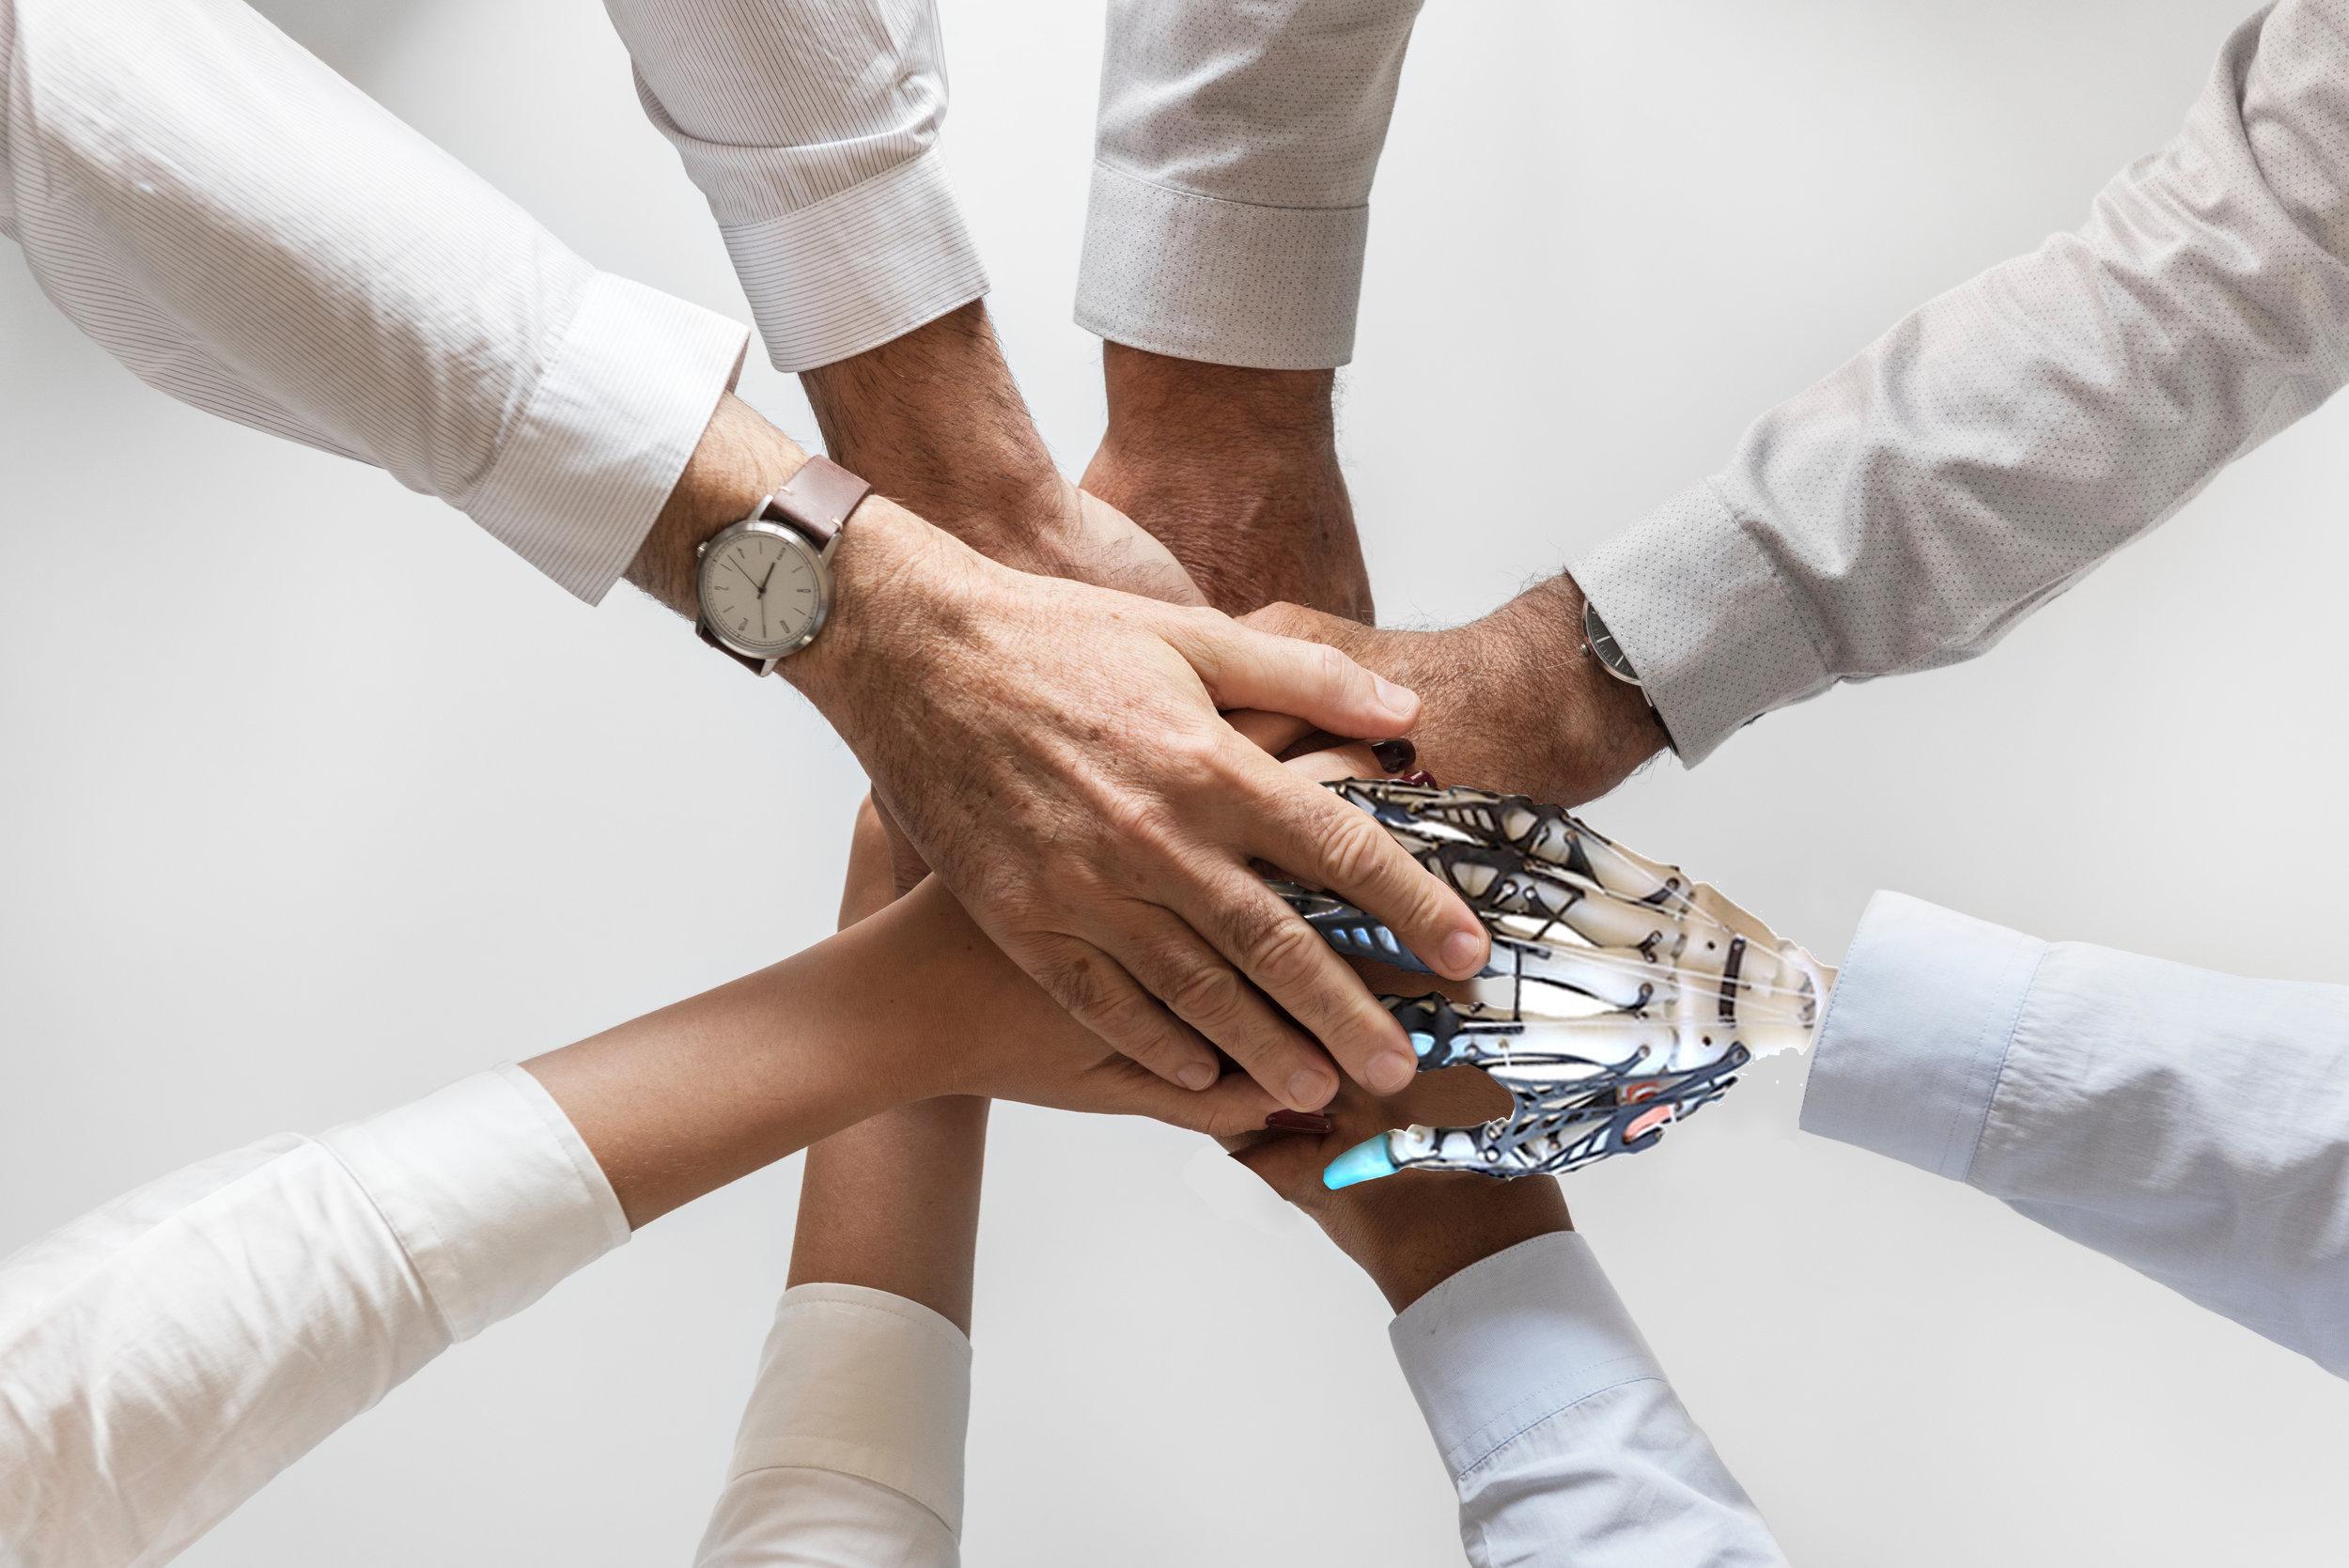 employee_independentcontractor_robot.jpg